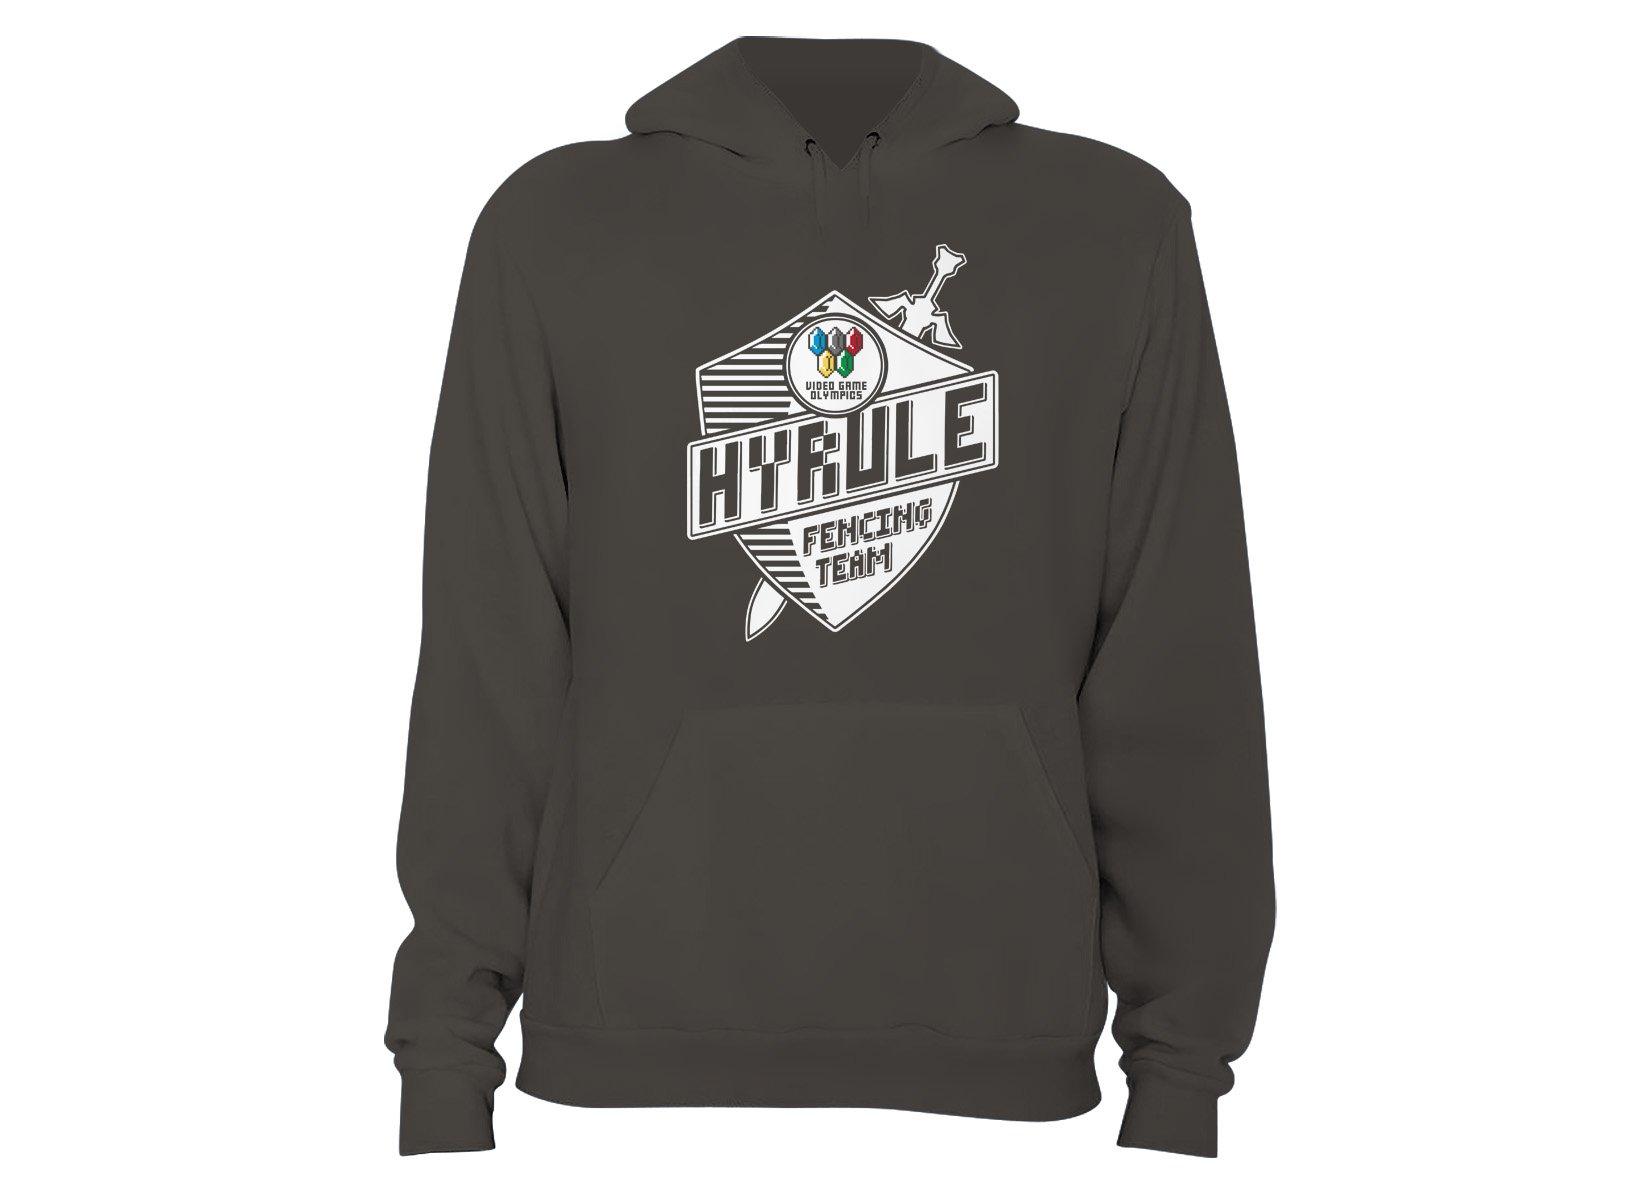 Hyrule Fencing Team on Hoodie